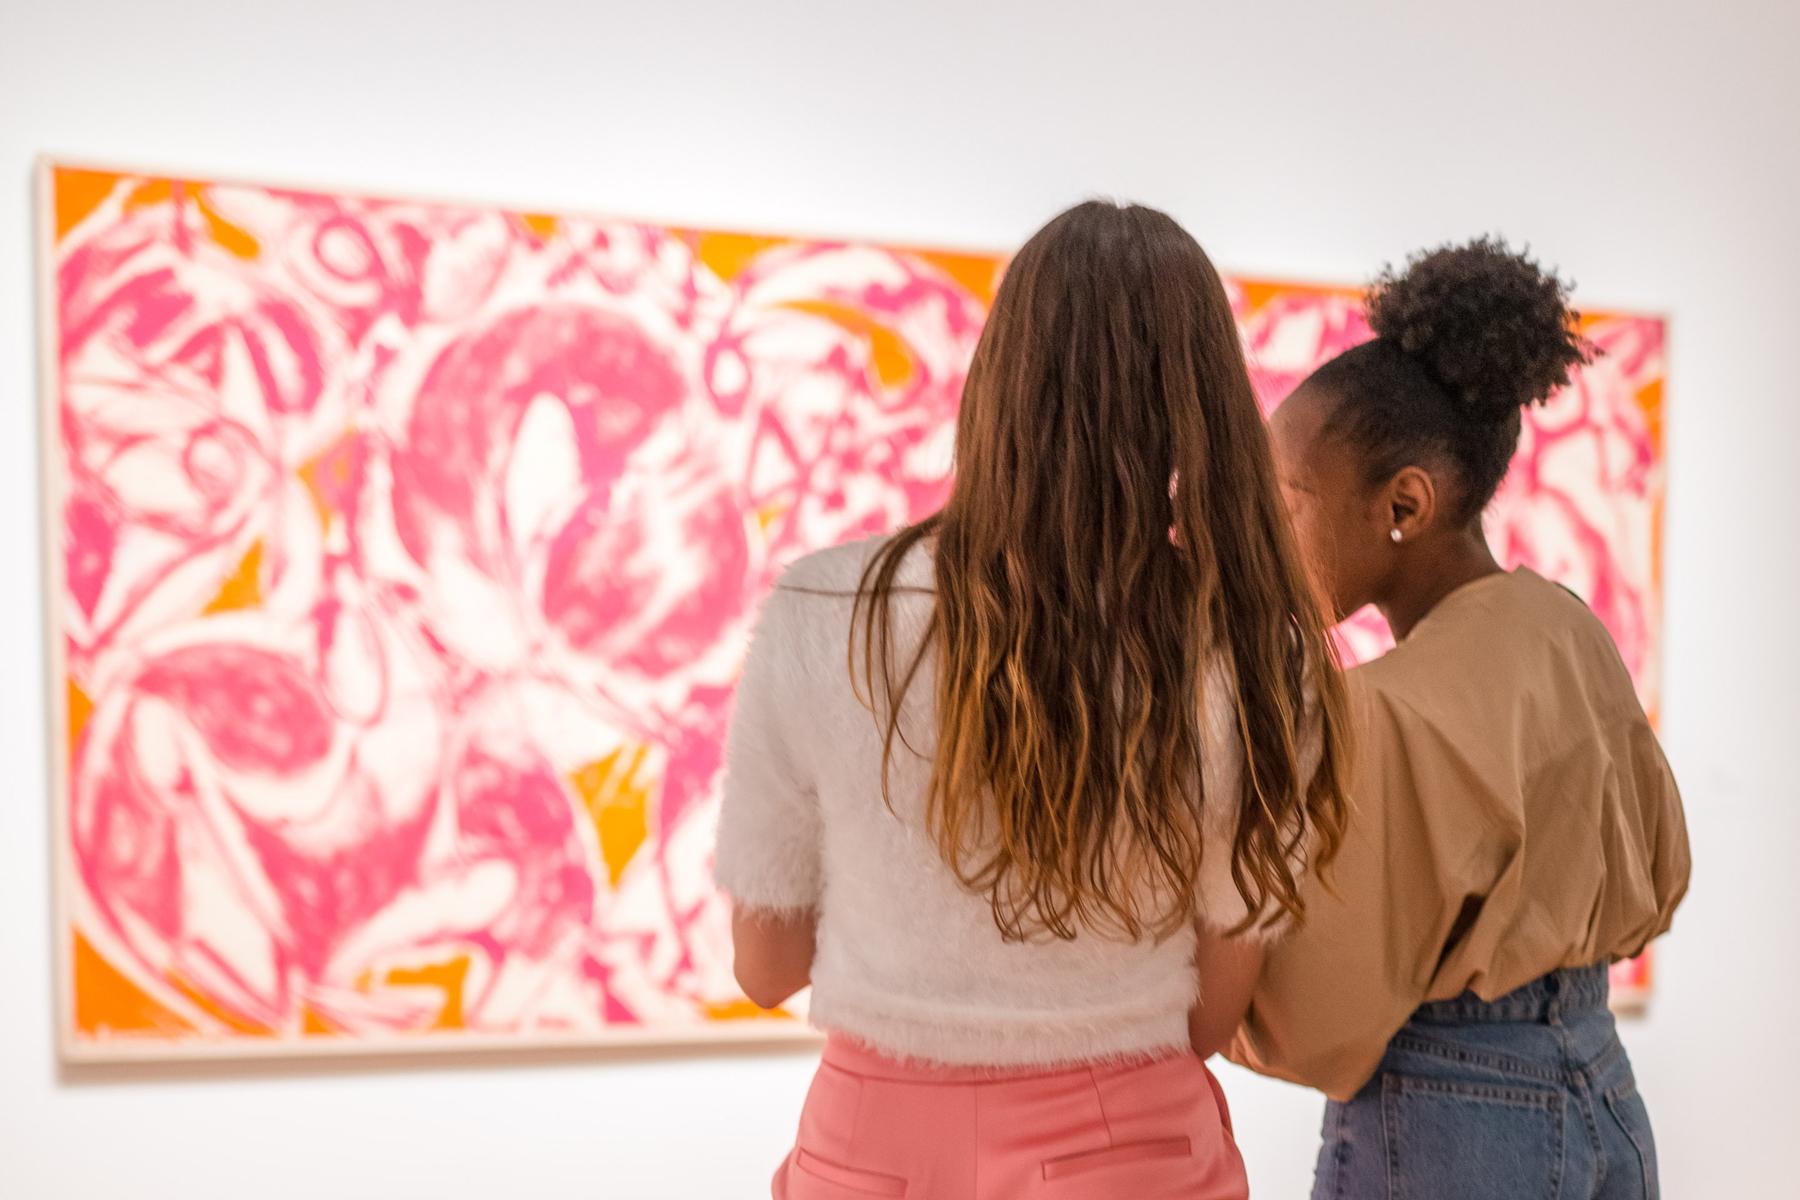 zwei Mädchen stehen vor einem Gemälde